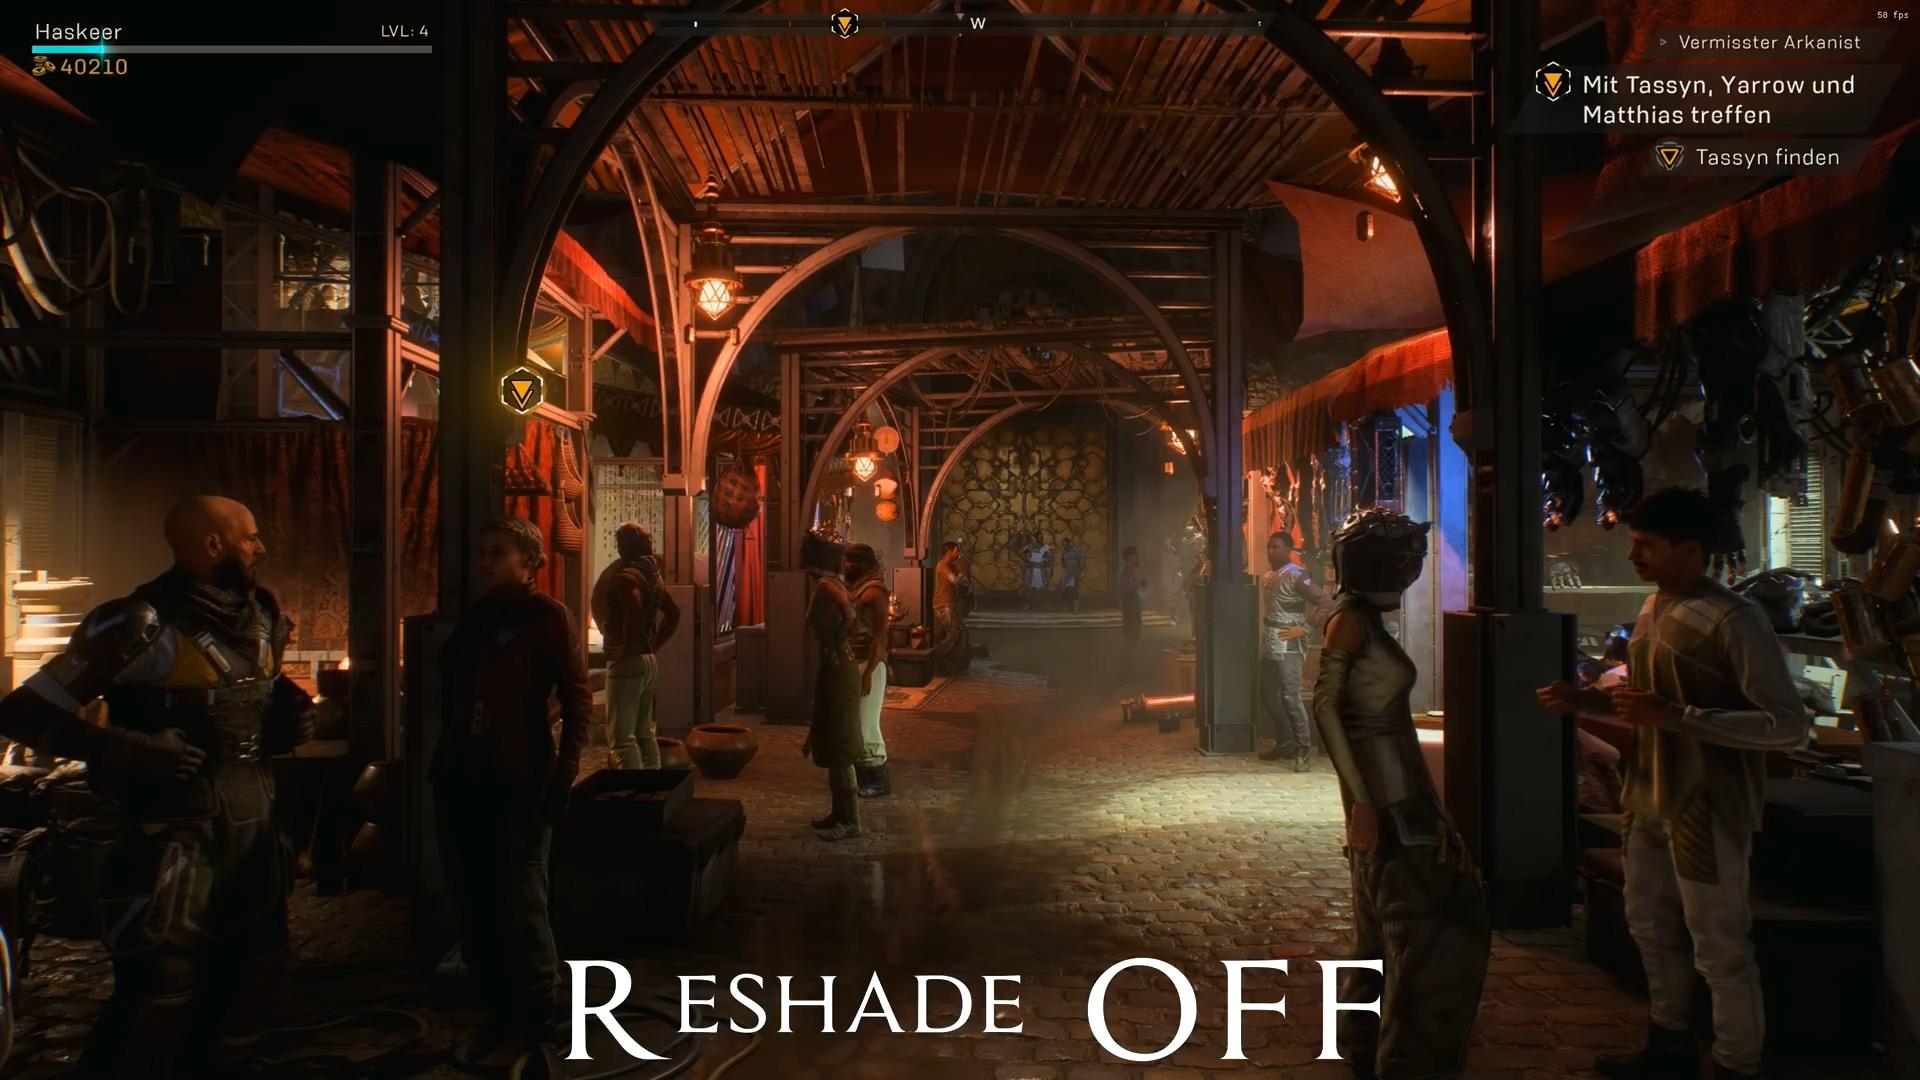 画质插件Reshade新版本发布 为DX12游戏提供实验支持